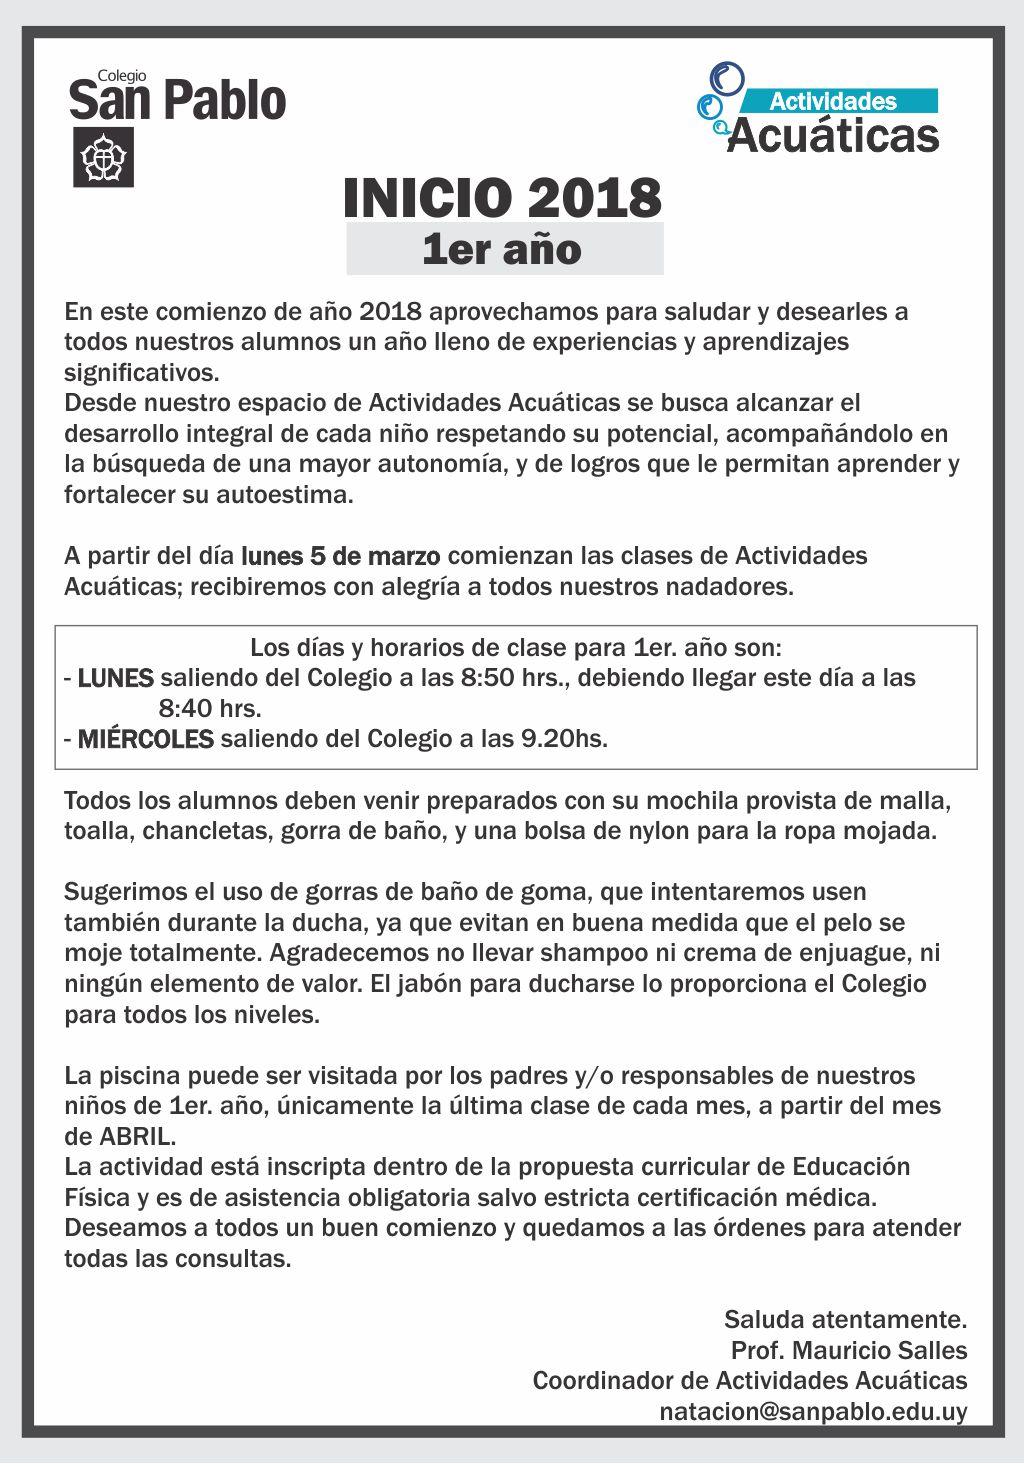 Moderno Reanudar Actividad De Clase Molde - Ejemplo De Colección De ...